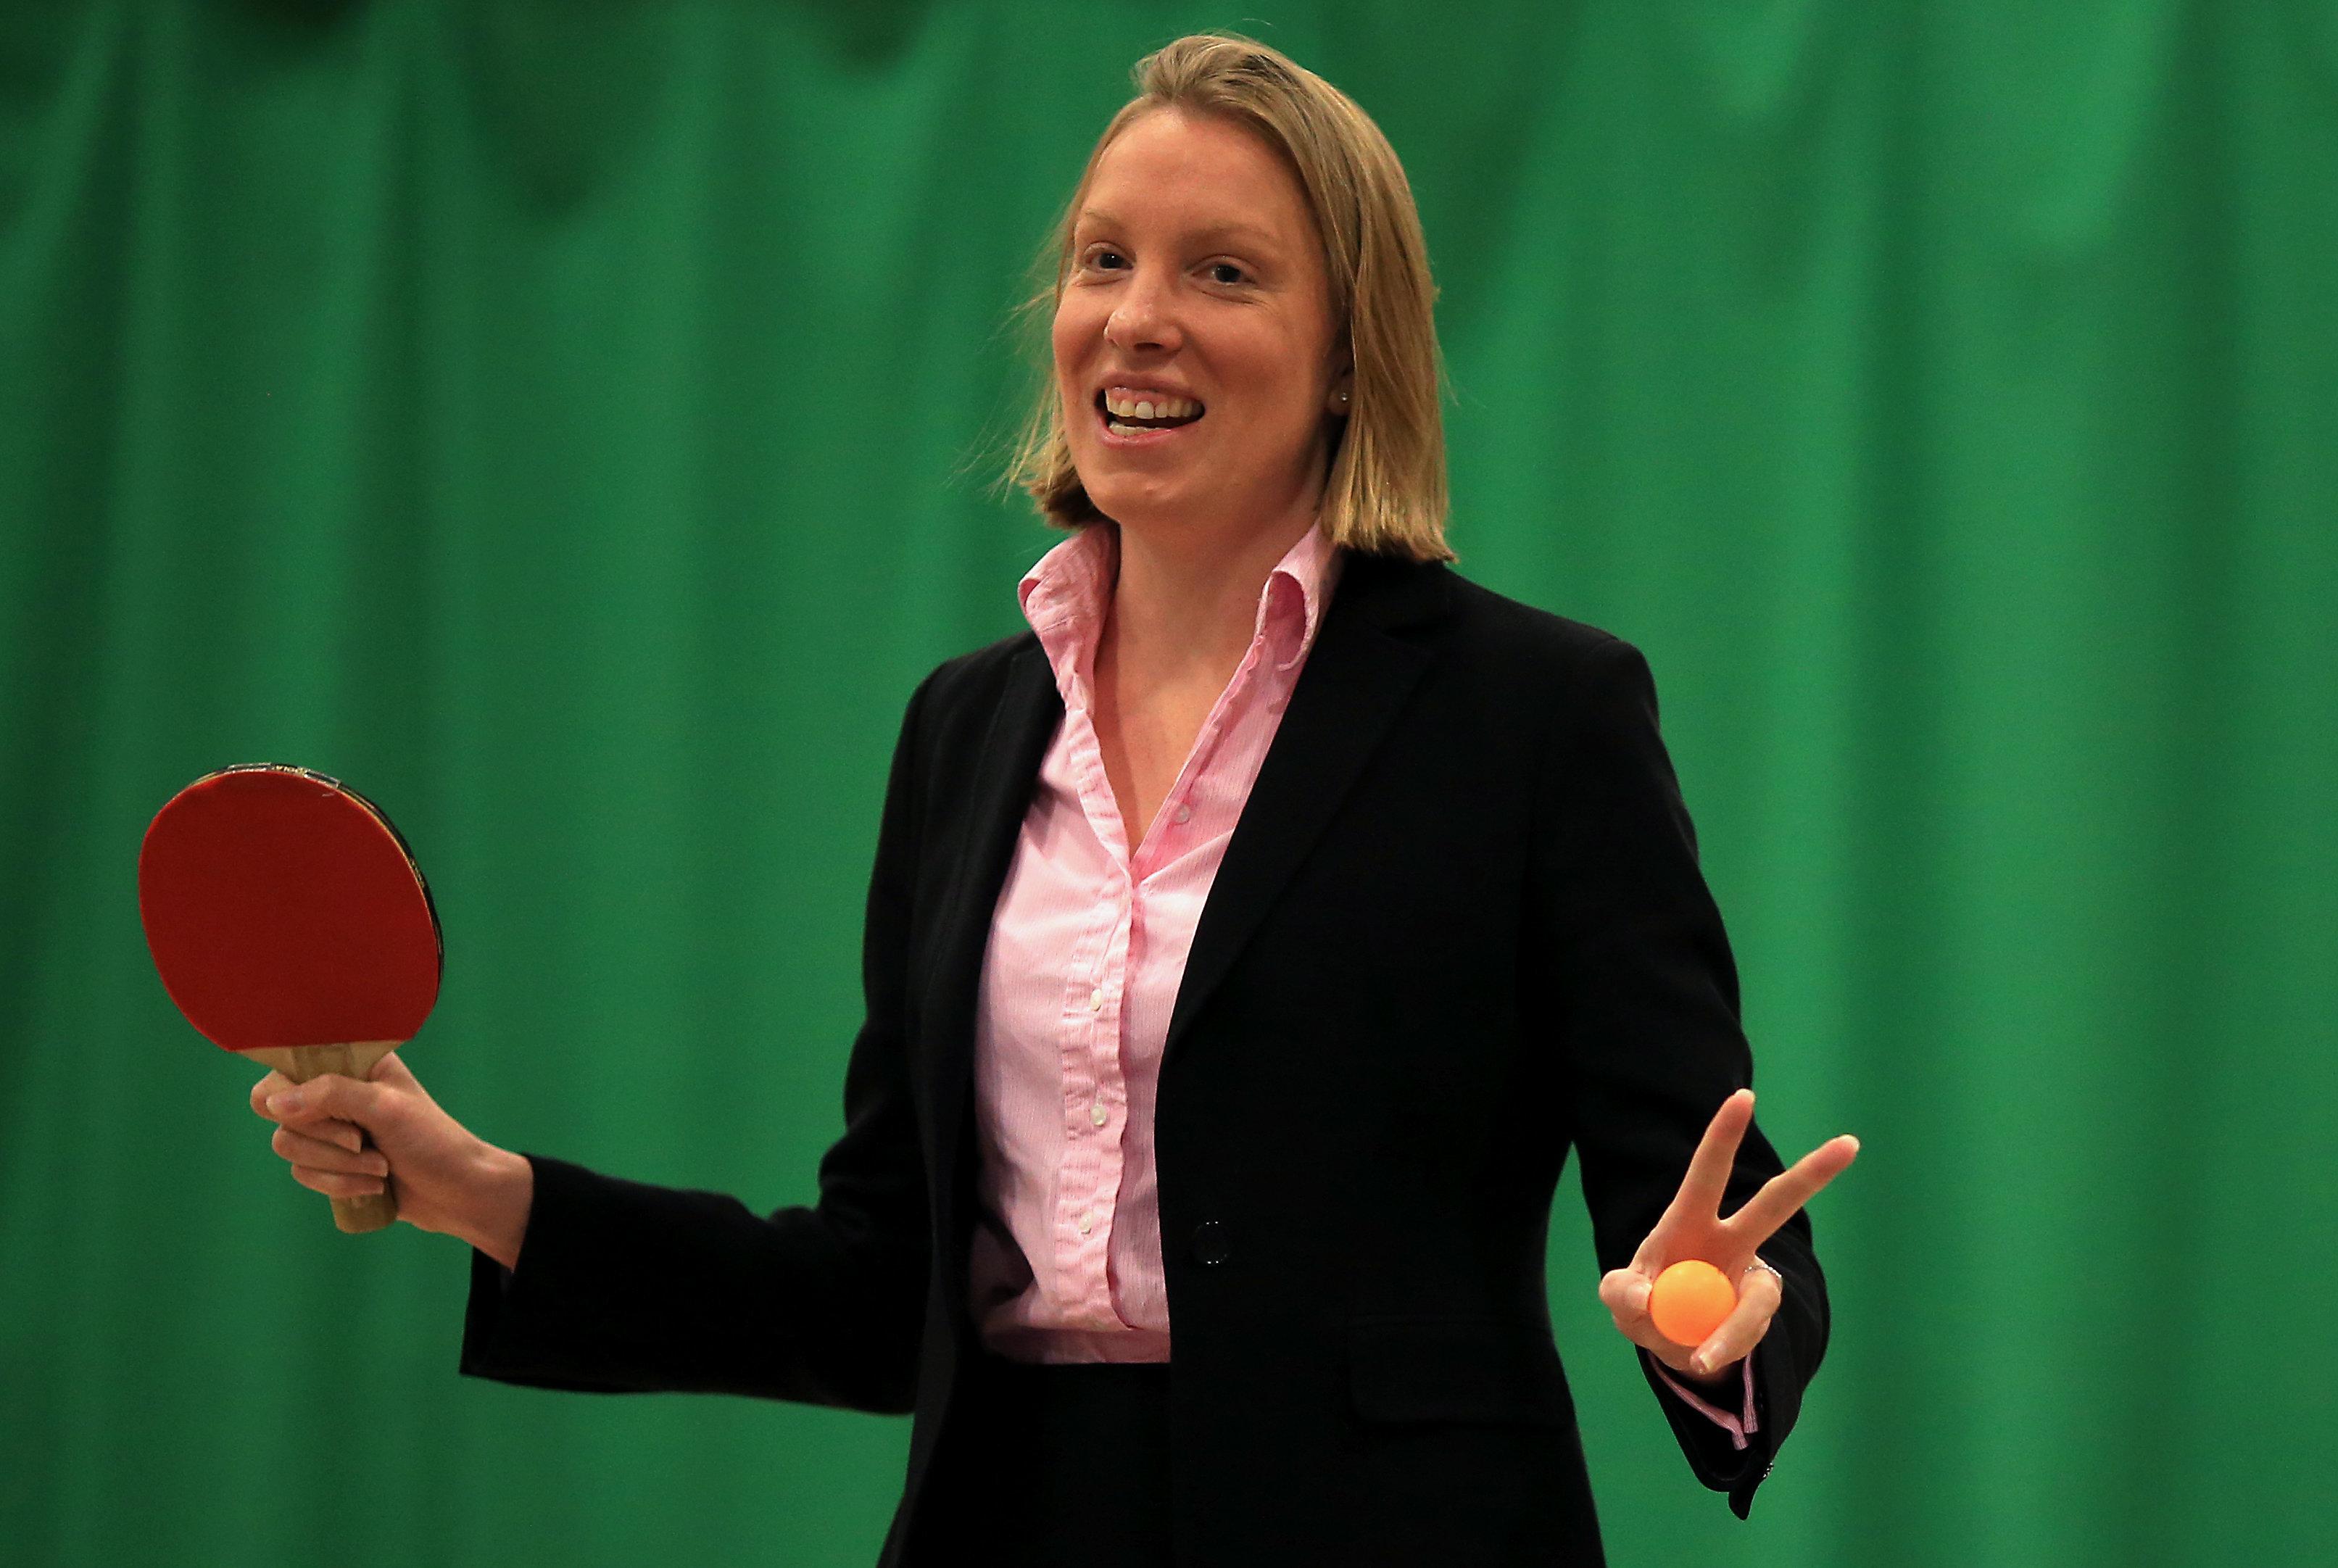 Tracey Crouch ist Ministerin für ein weltweit unterschätztes Thema, das entscheidend für das Wohlergehen aller